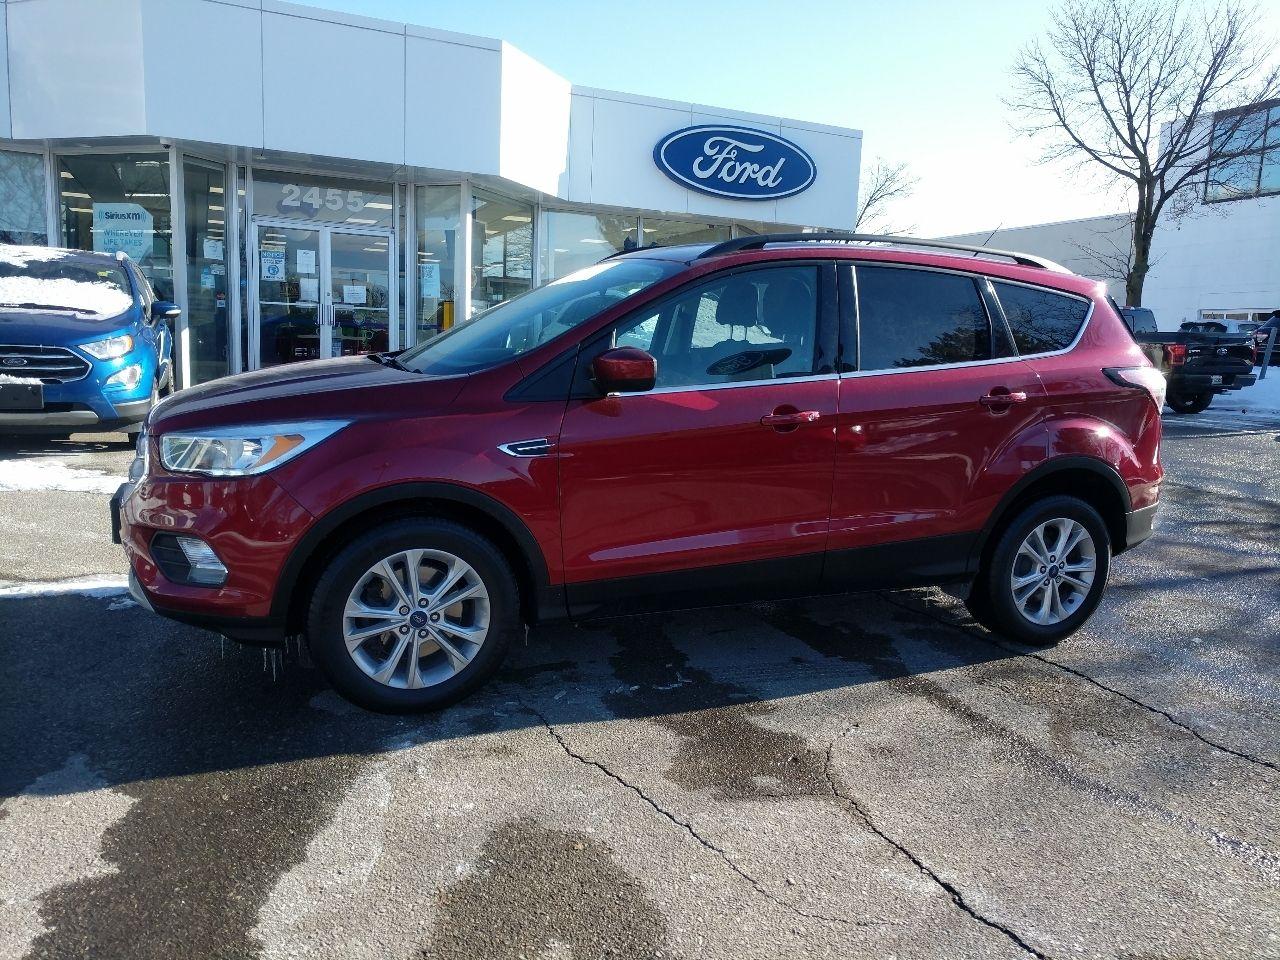 2017 Ford Escape Image